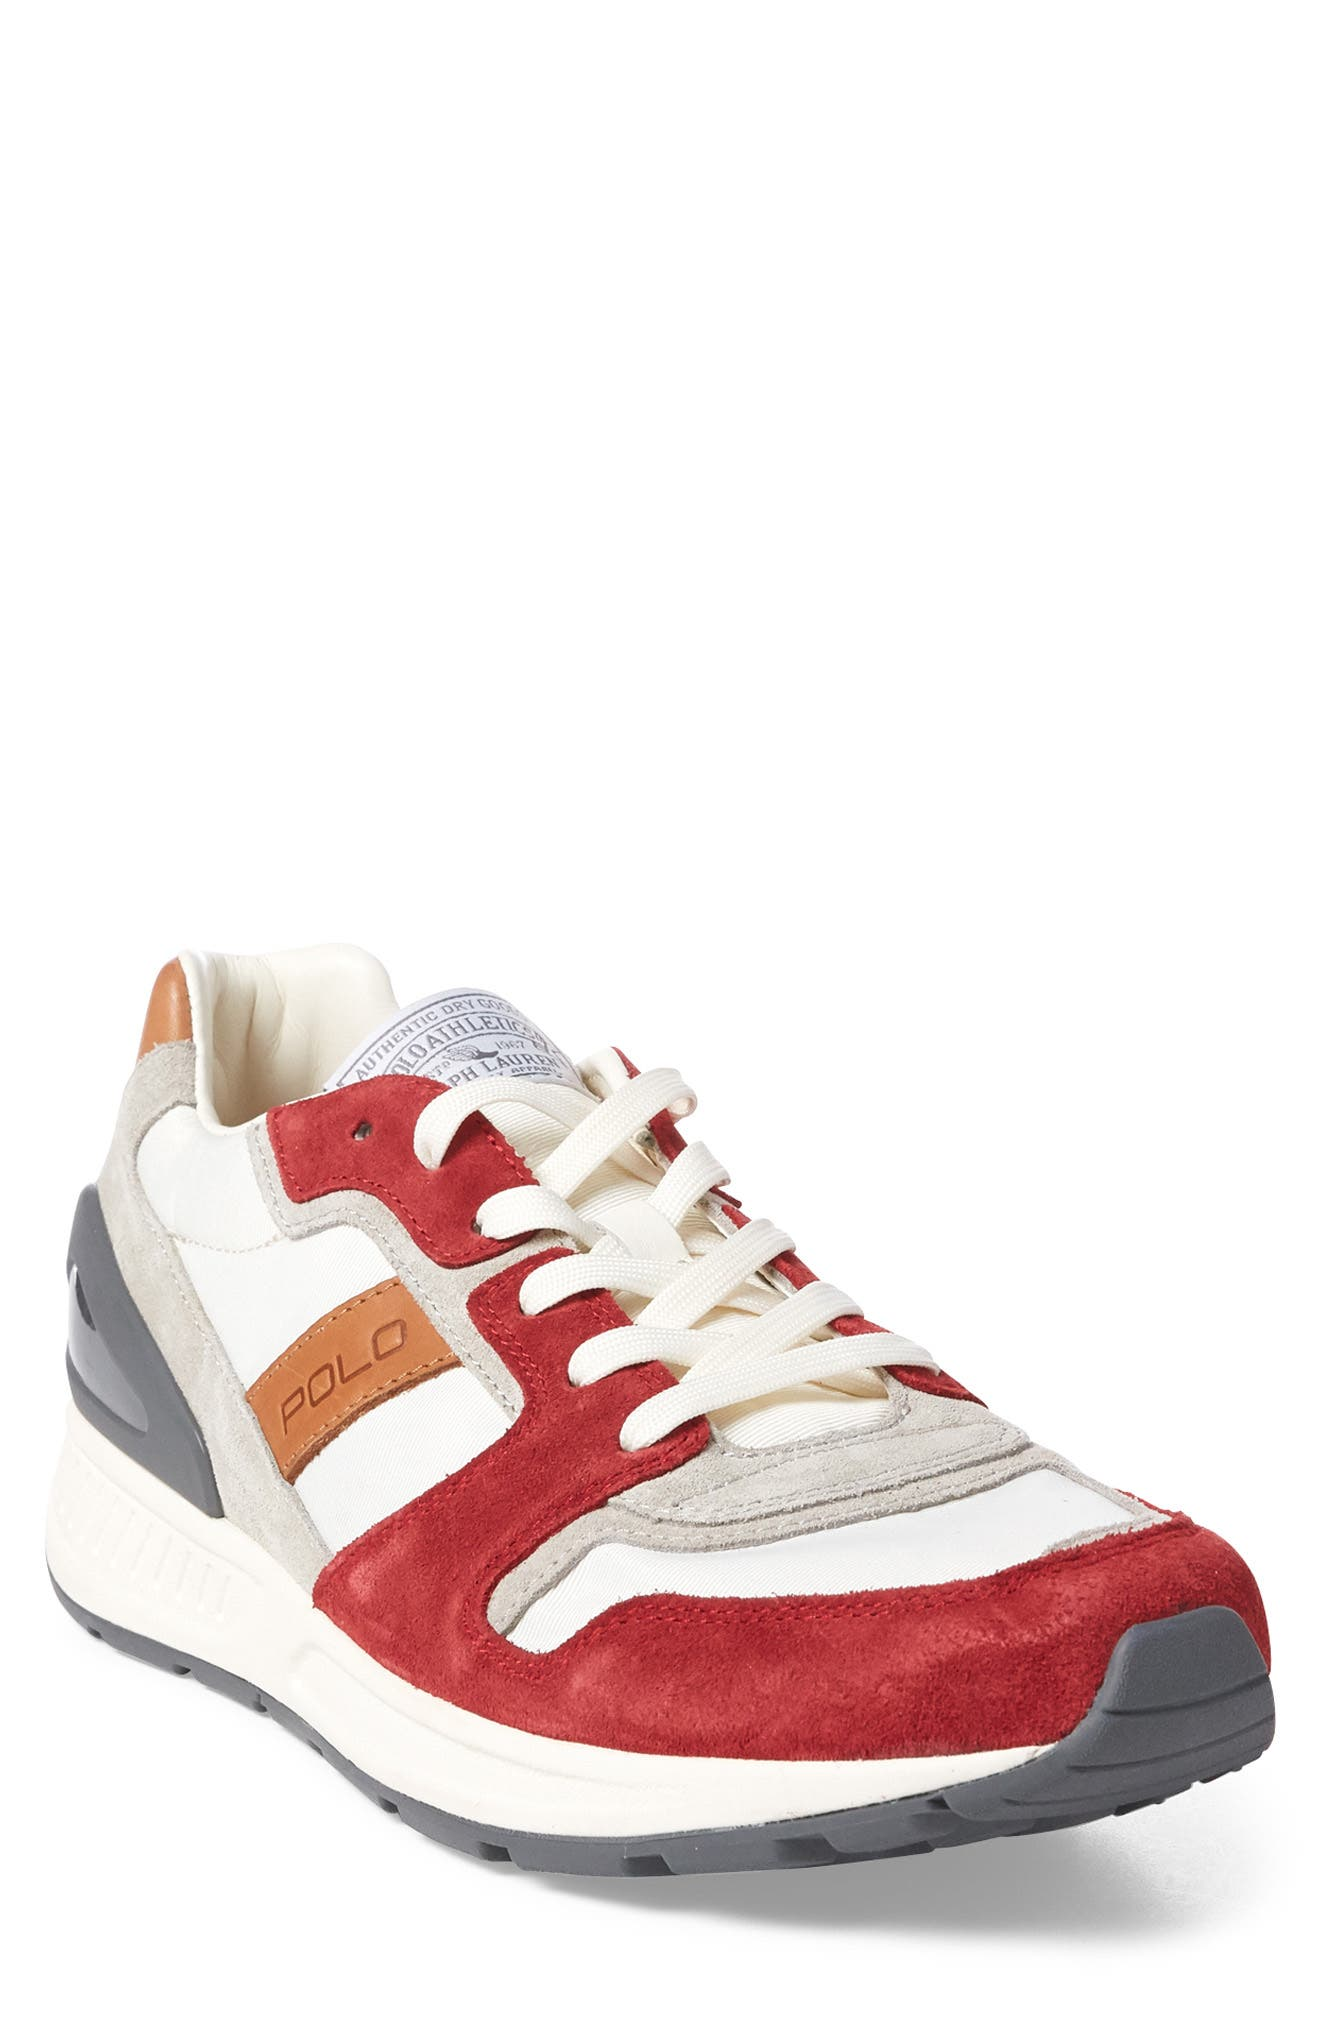 Train 100 Retro Sneaker,                         Main,                         color, RED NYLON/ SUEDE